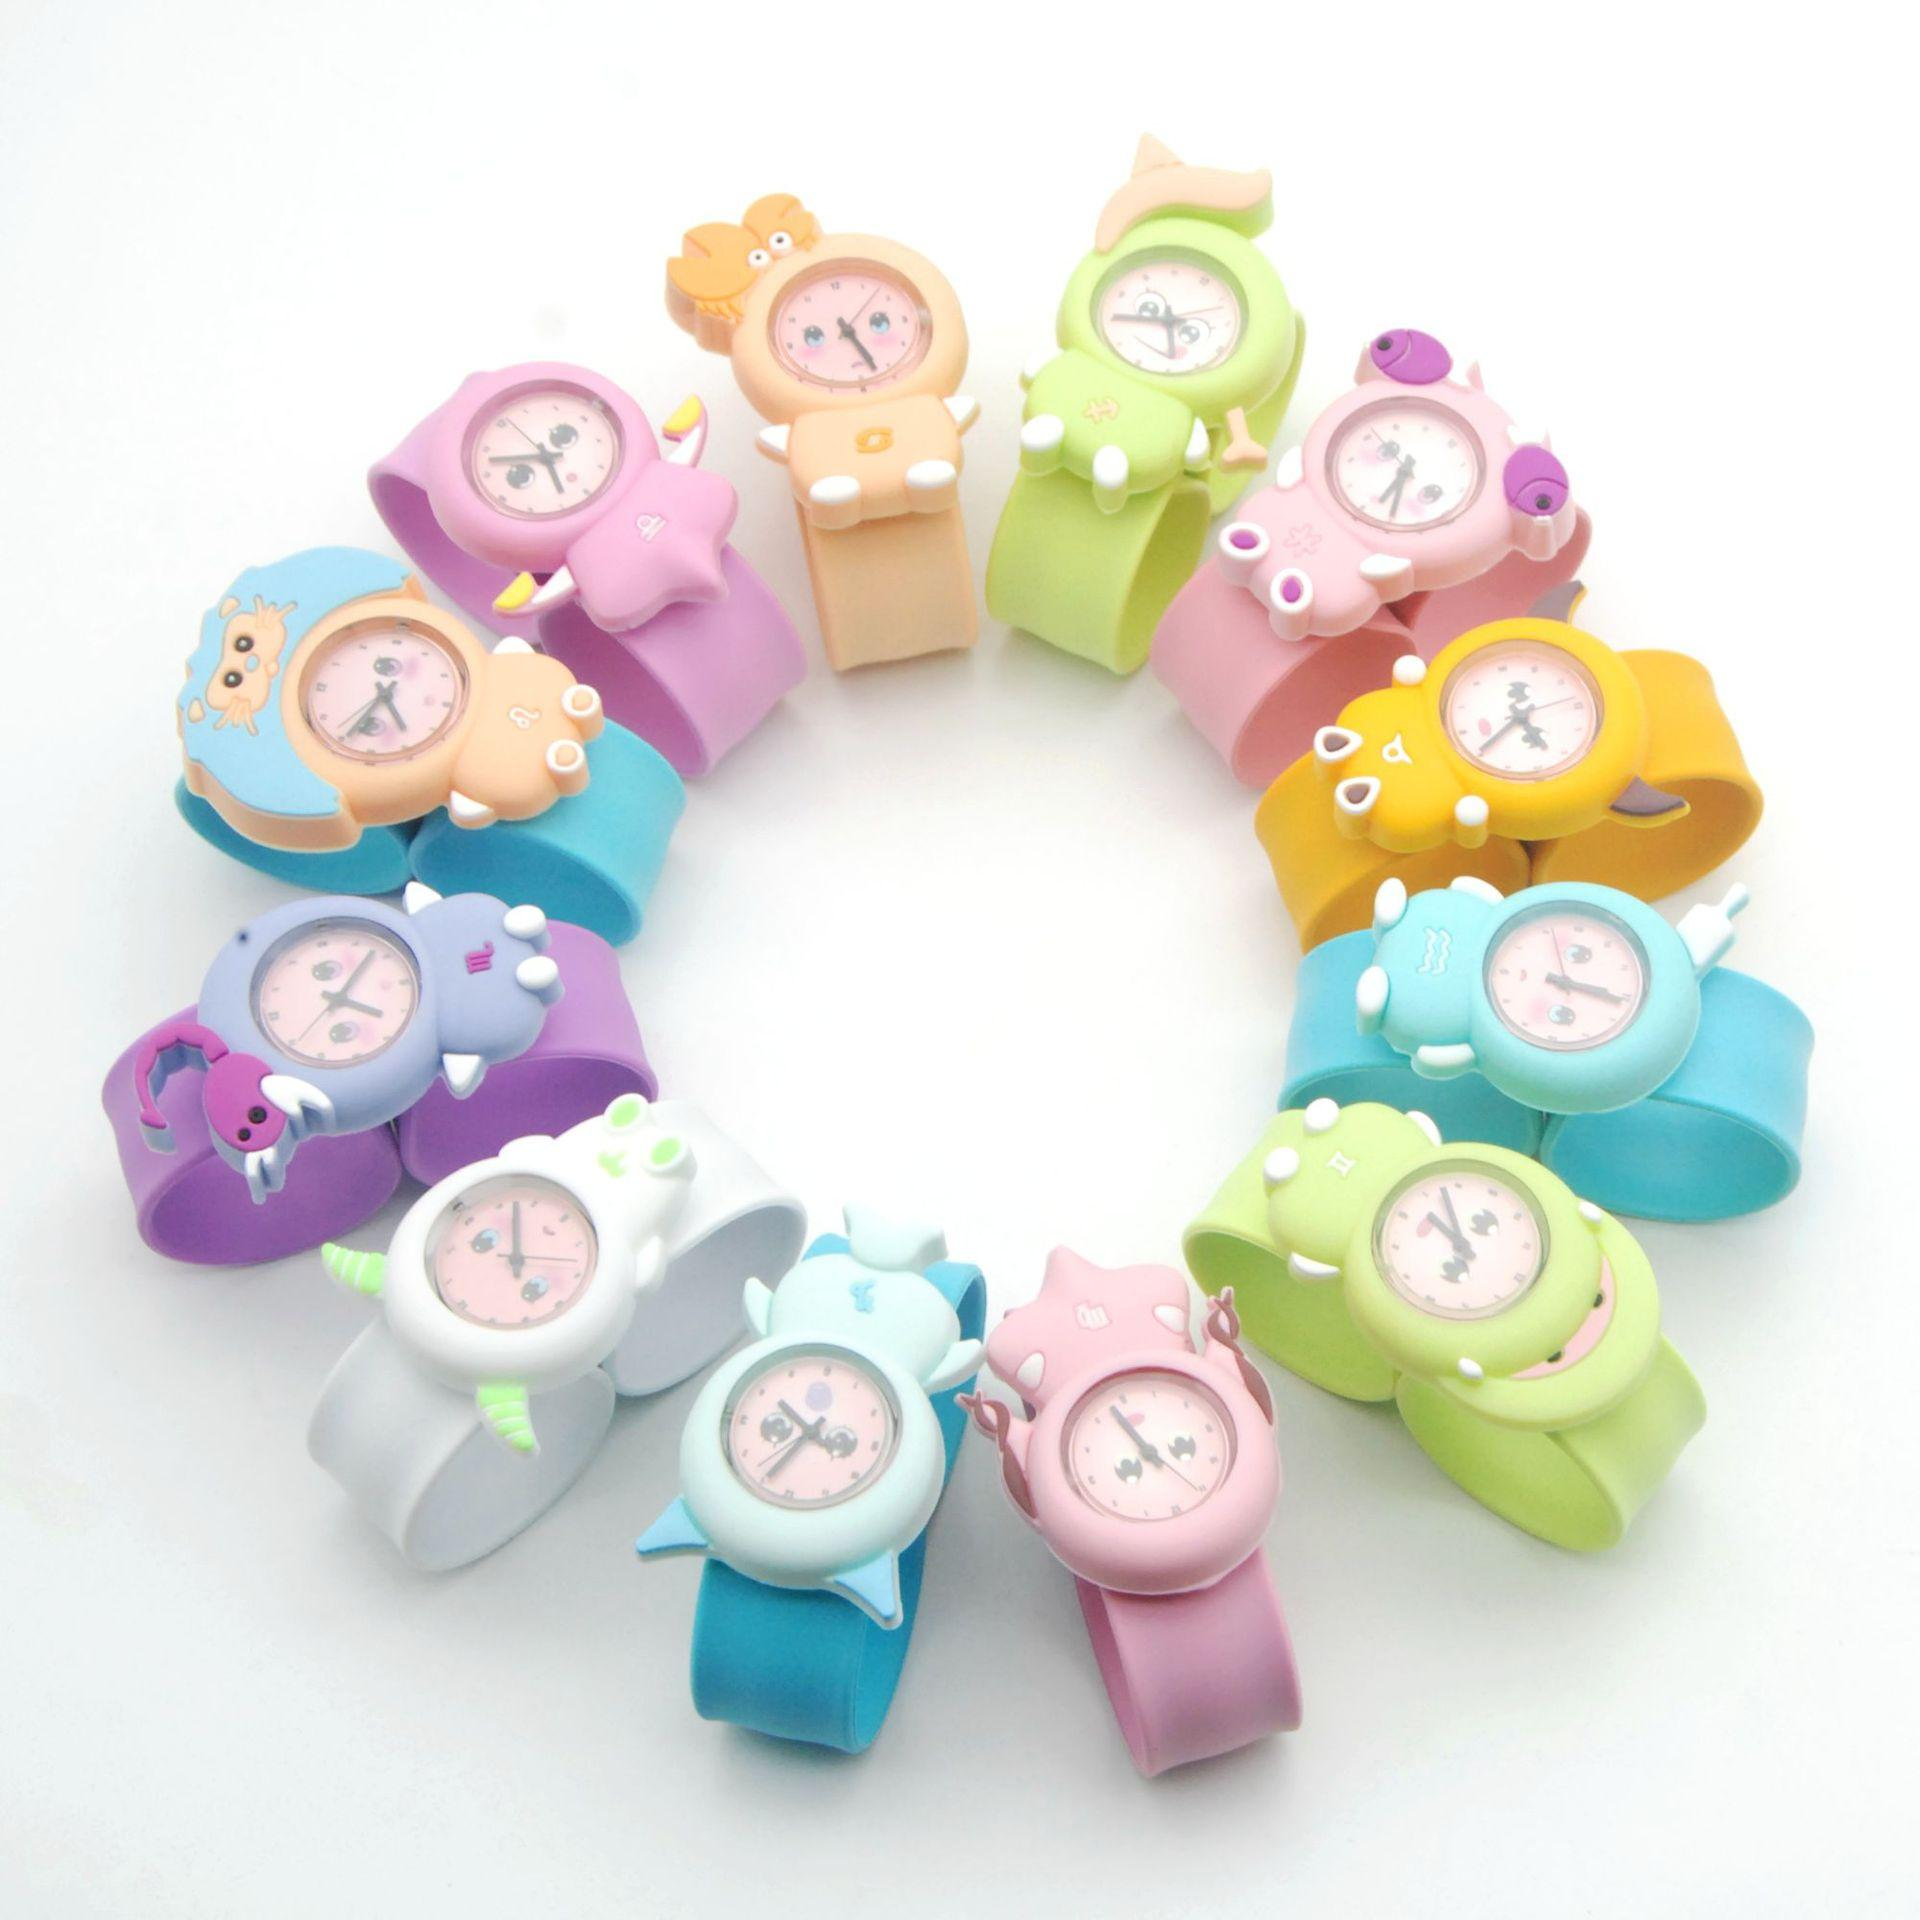 Giá bán Đồng hồ Silicon 12 Cung Hoàng Đạo cho bé